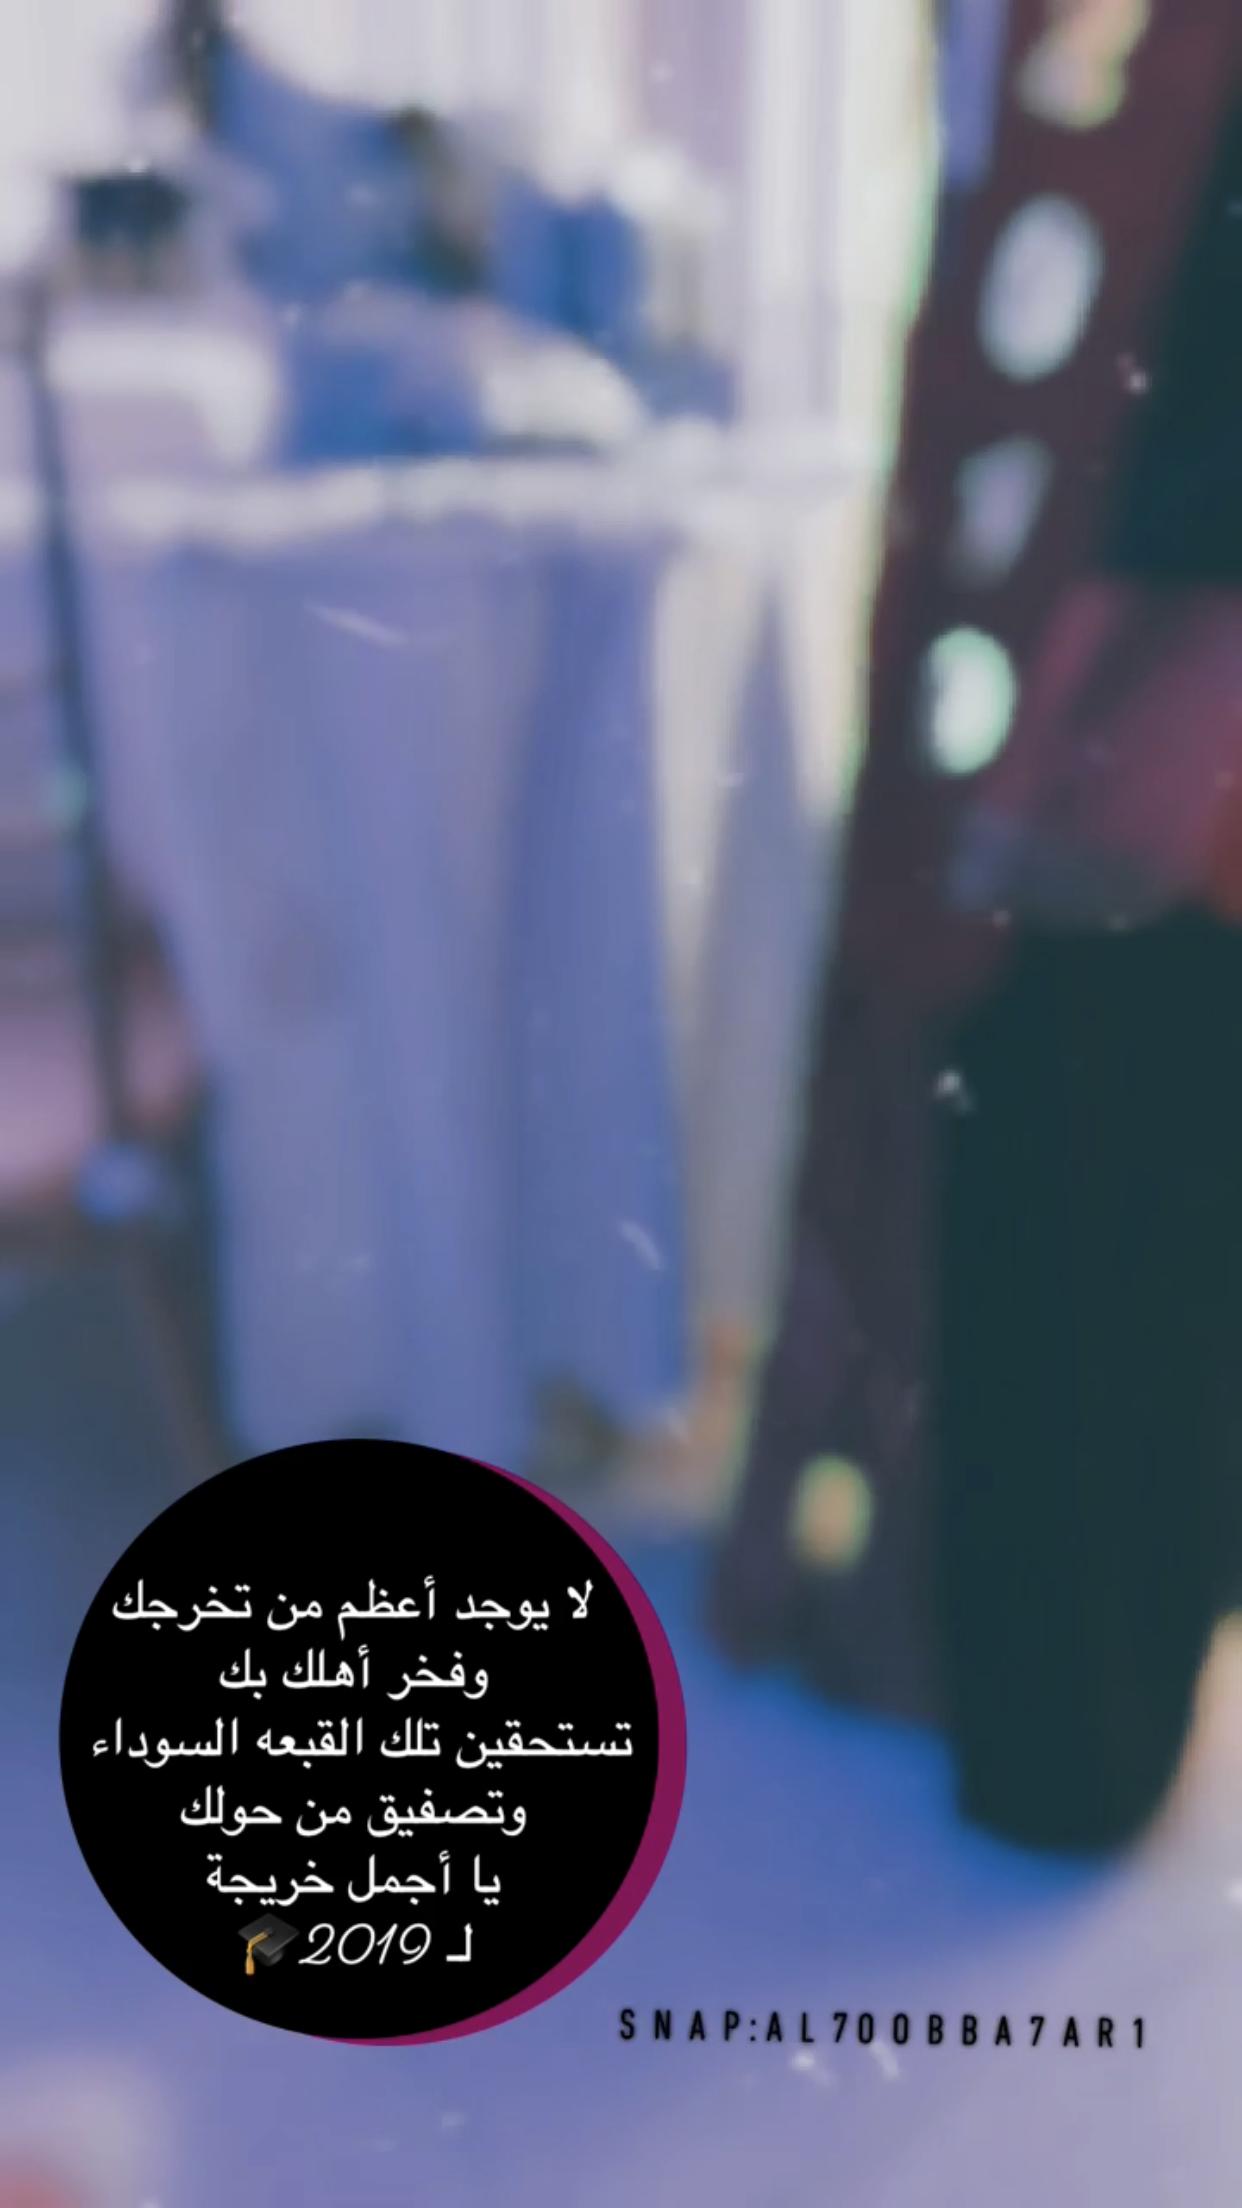 همسة لا يوجد أعظم من تخرجك و فخر أهلك بك تستحقين تلك القبعة السودا Graduation Invitations Template Quran Quotes Inspirational Long Wedding Table Decorations